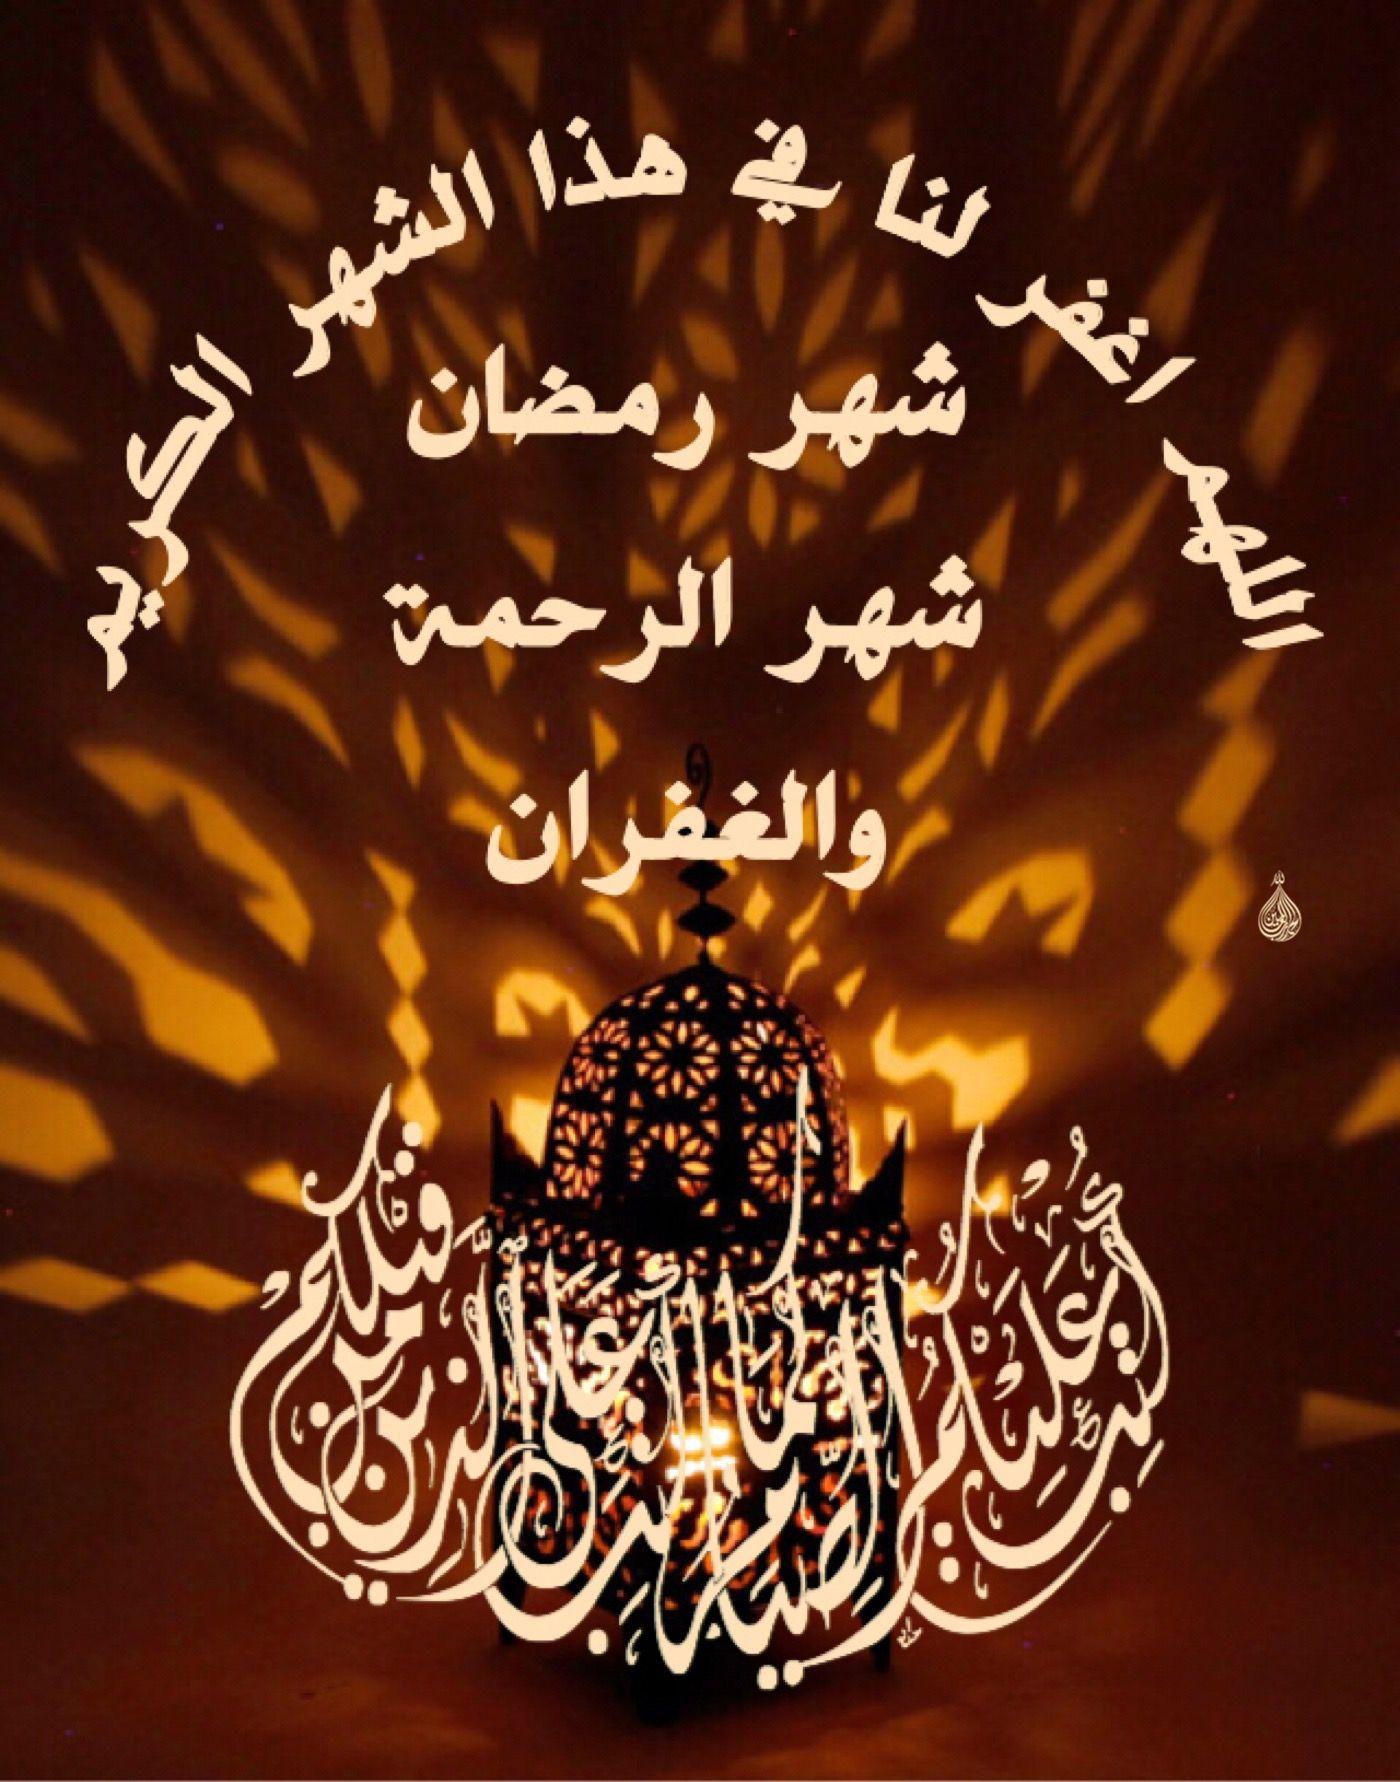 أذكار رمضان